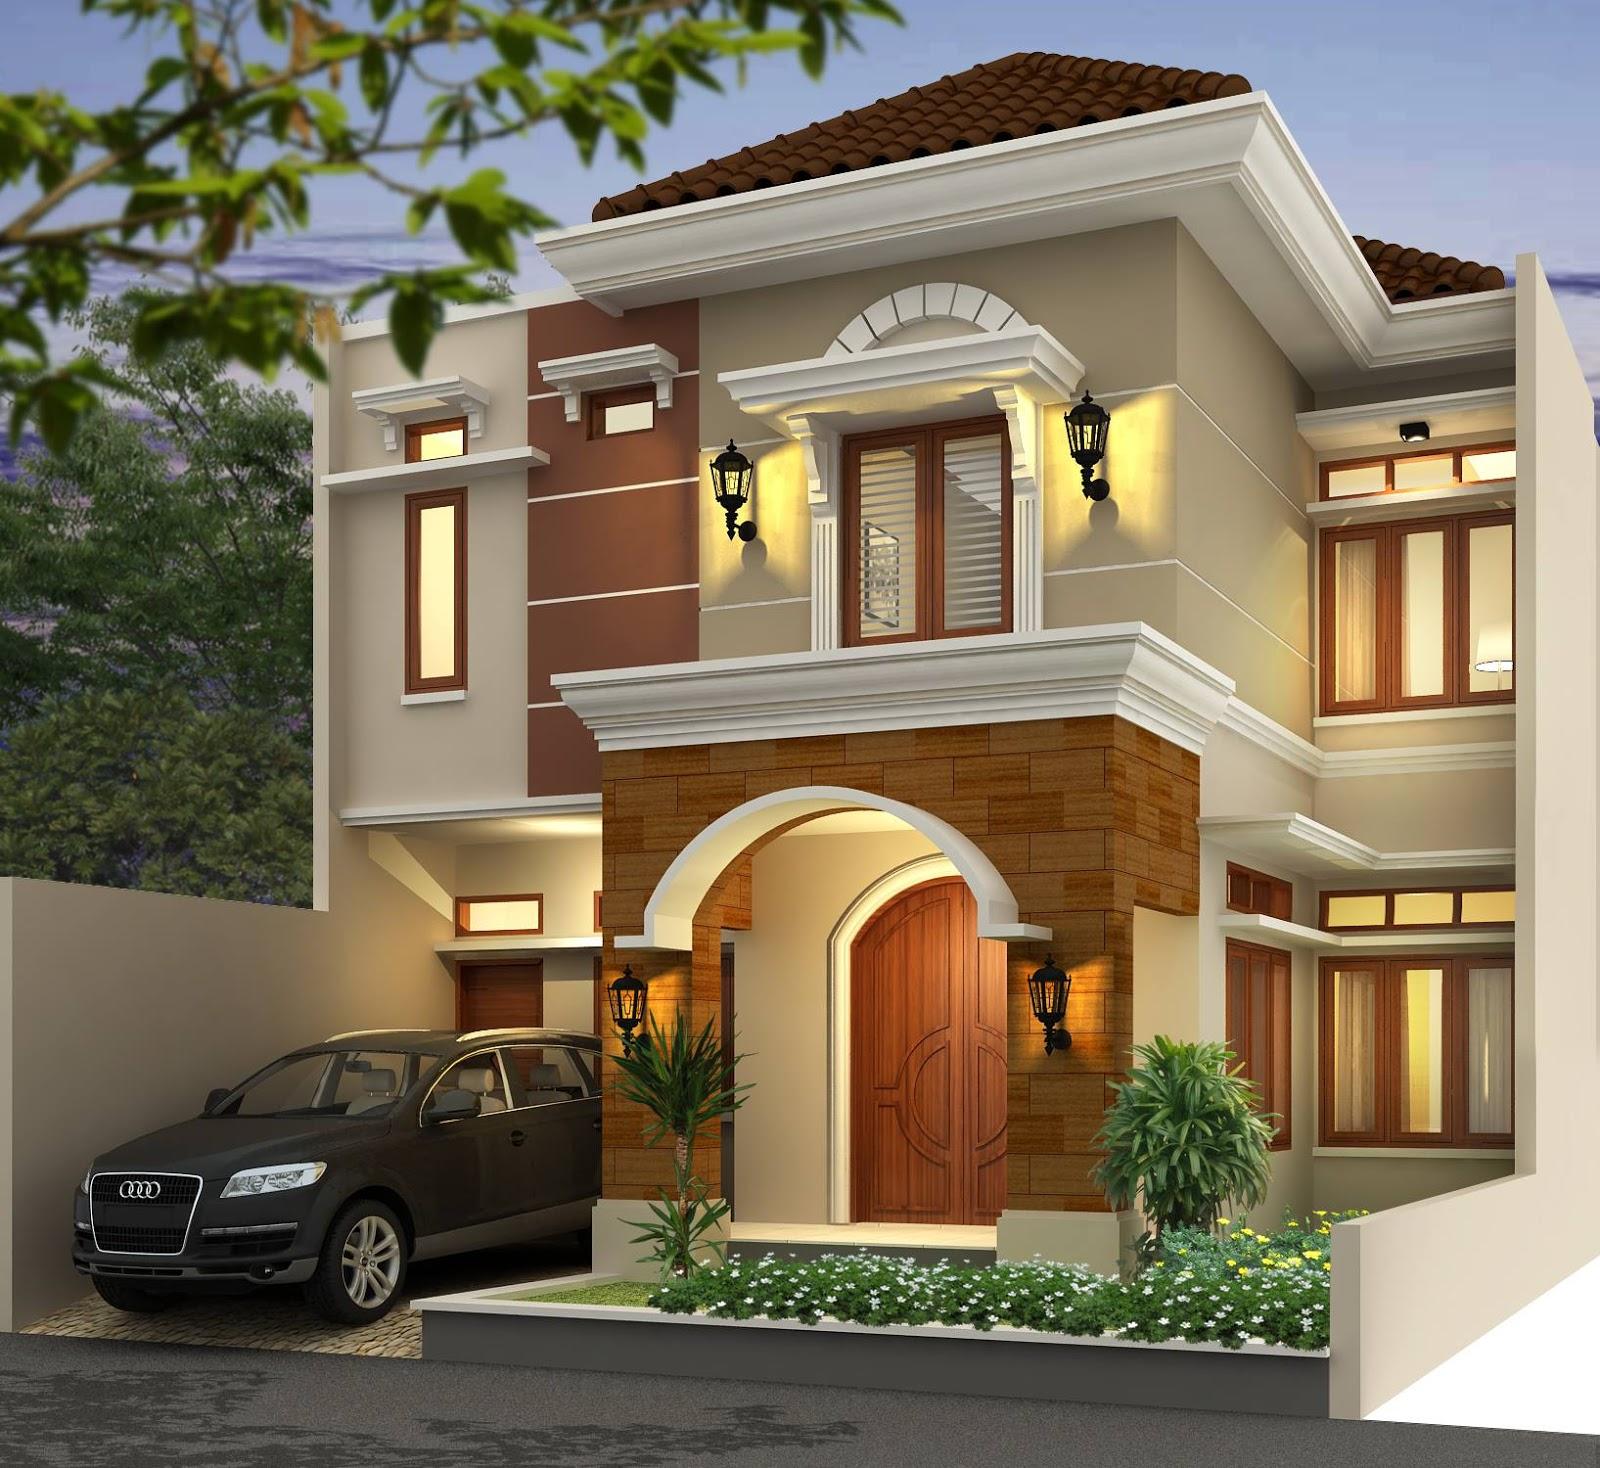 Model Teras Rumah Gaya Bali | Desain Rumah